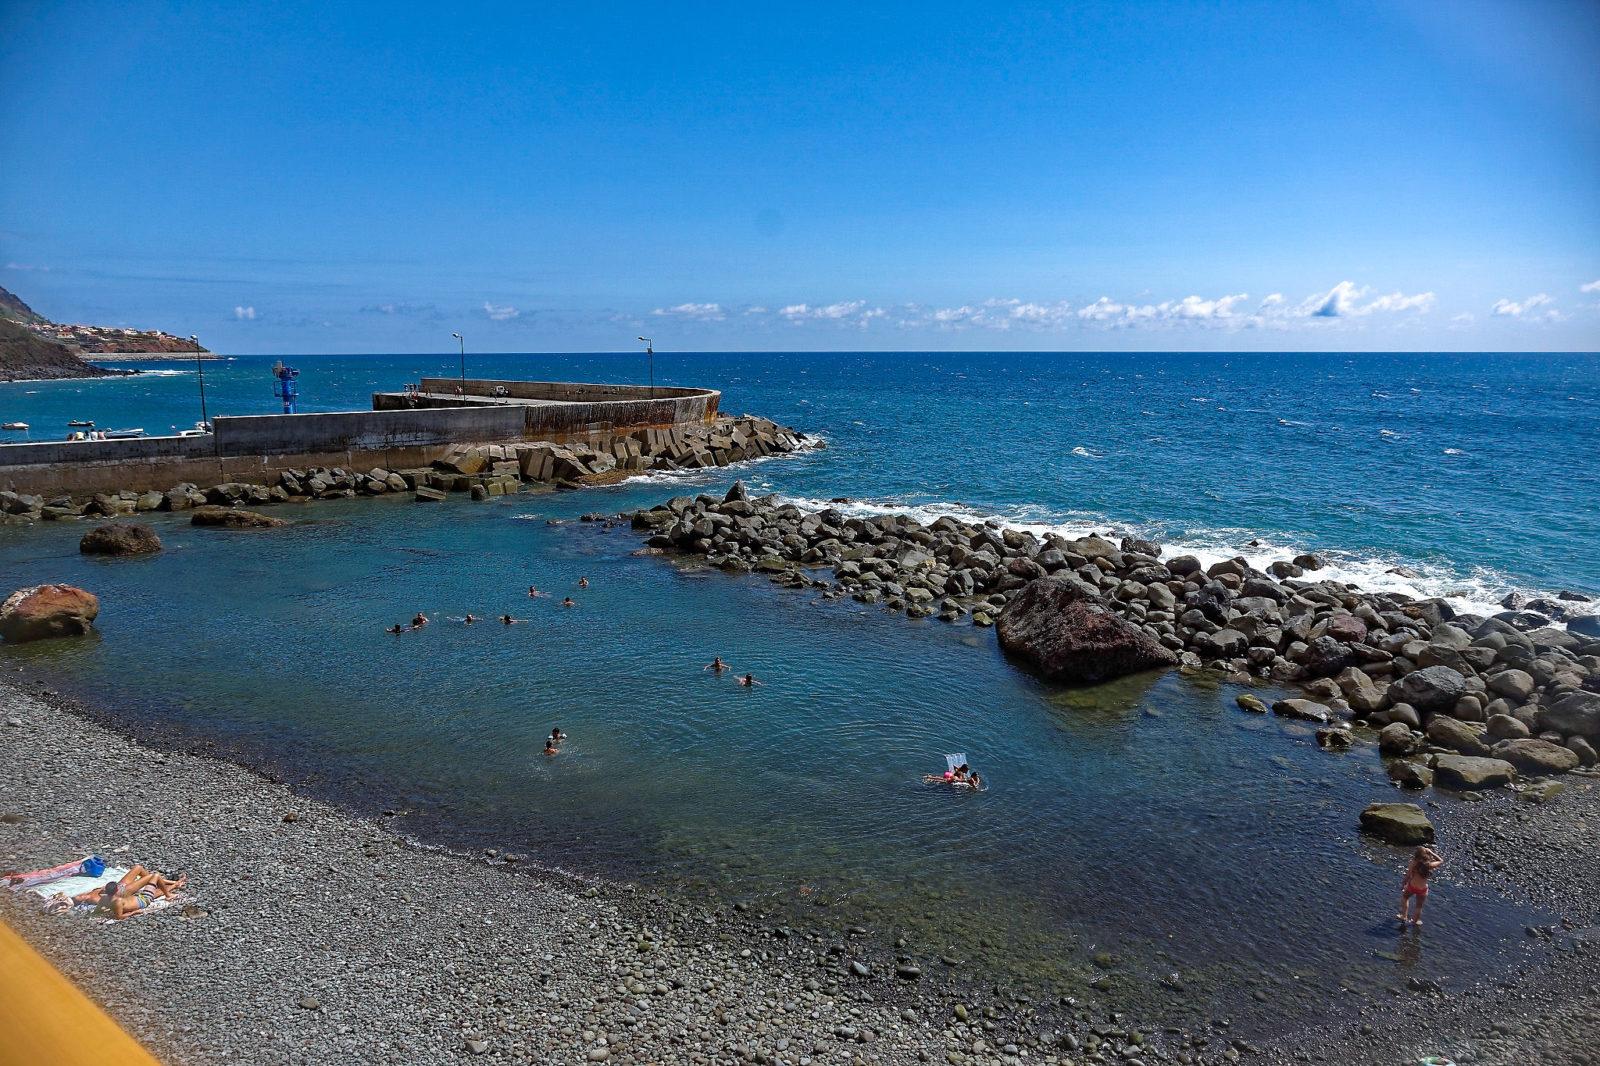 Небольшой участок пляжа скрыт за волнорезом (фото: Roland Aeberhard)